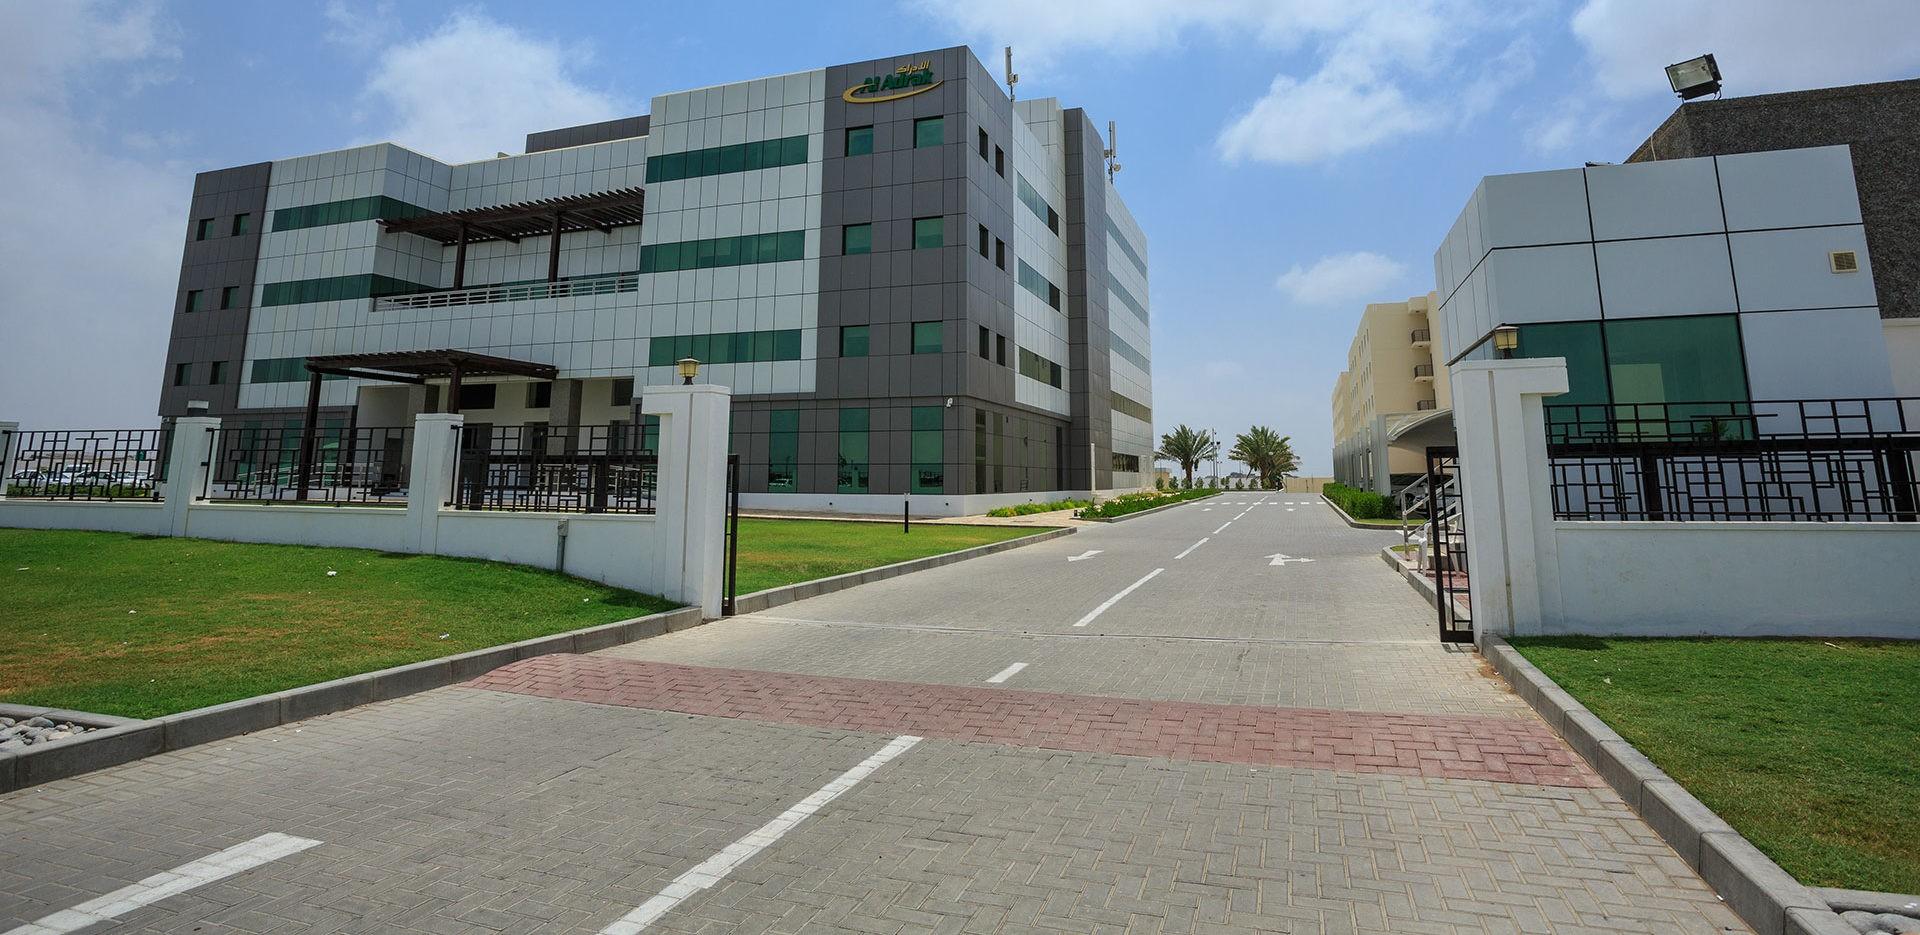 Al Adrak trading and contracting llc | LinkedIn